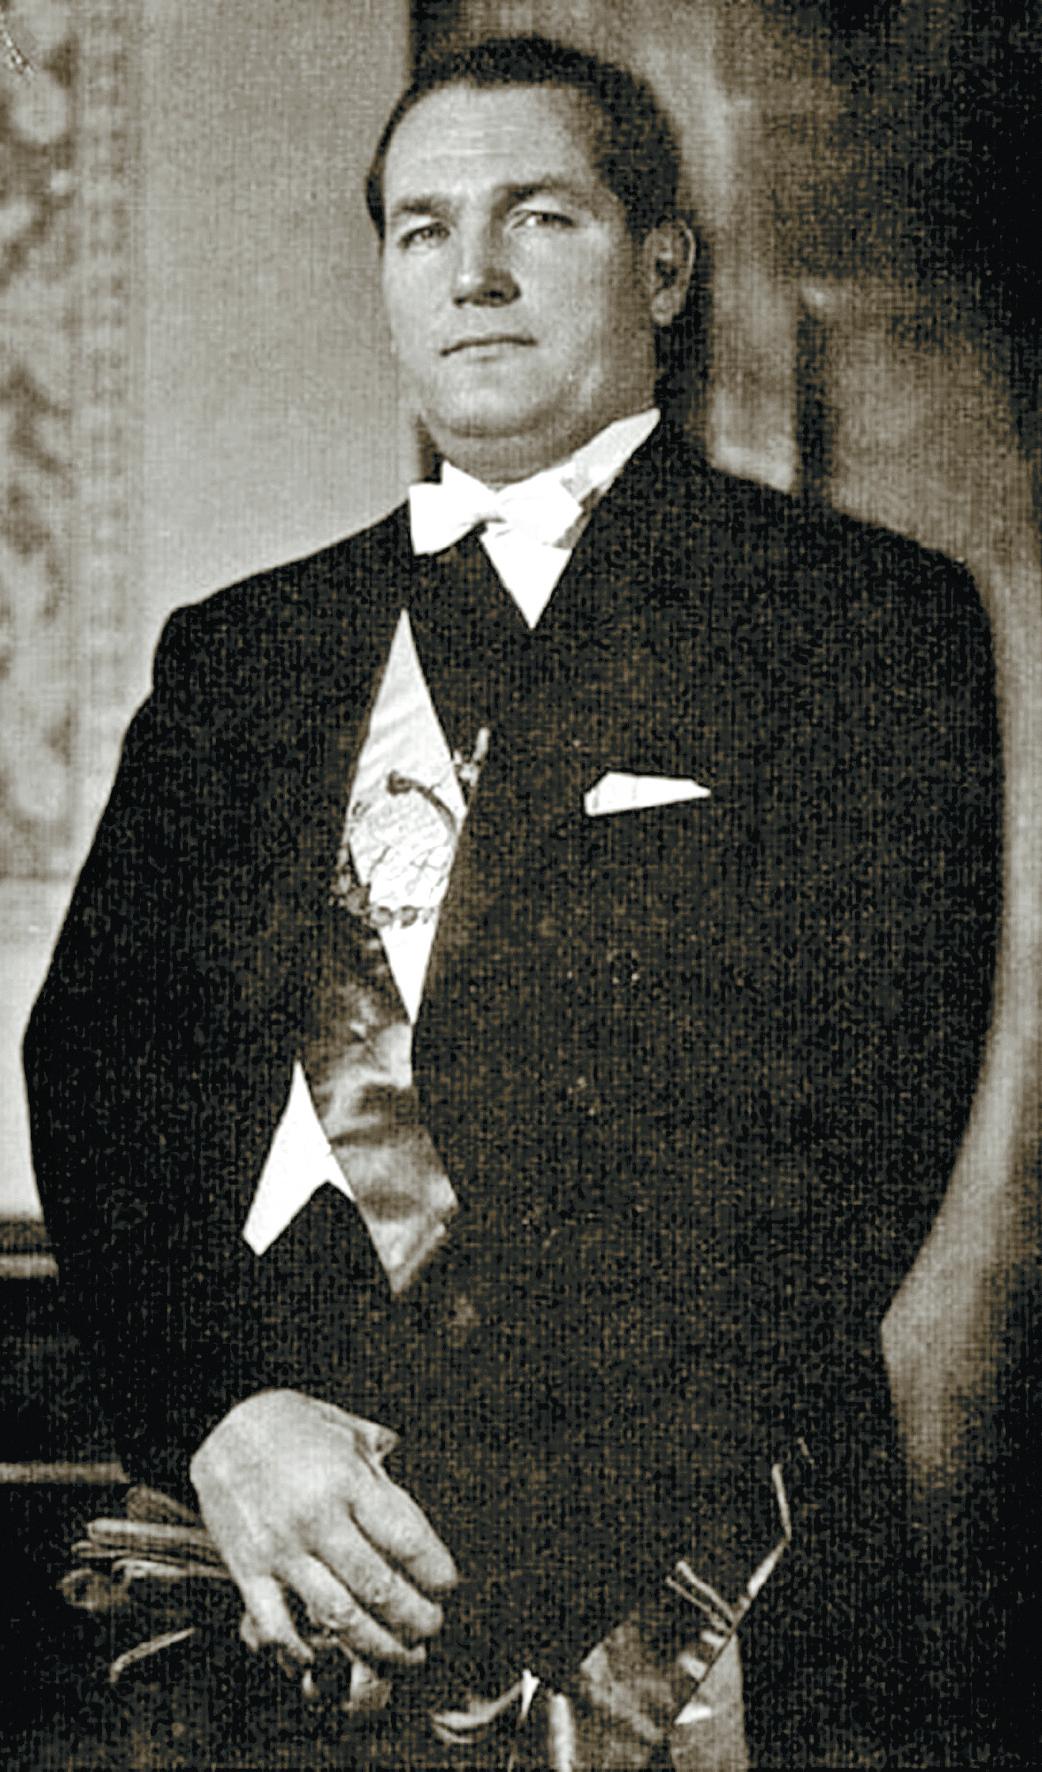 Arévalo asume la presidencia en 1945